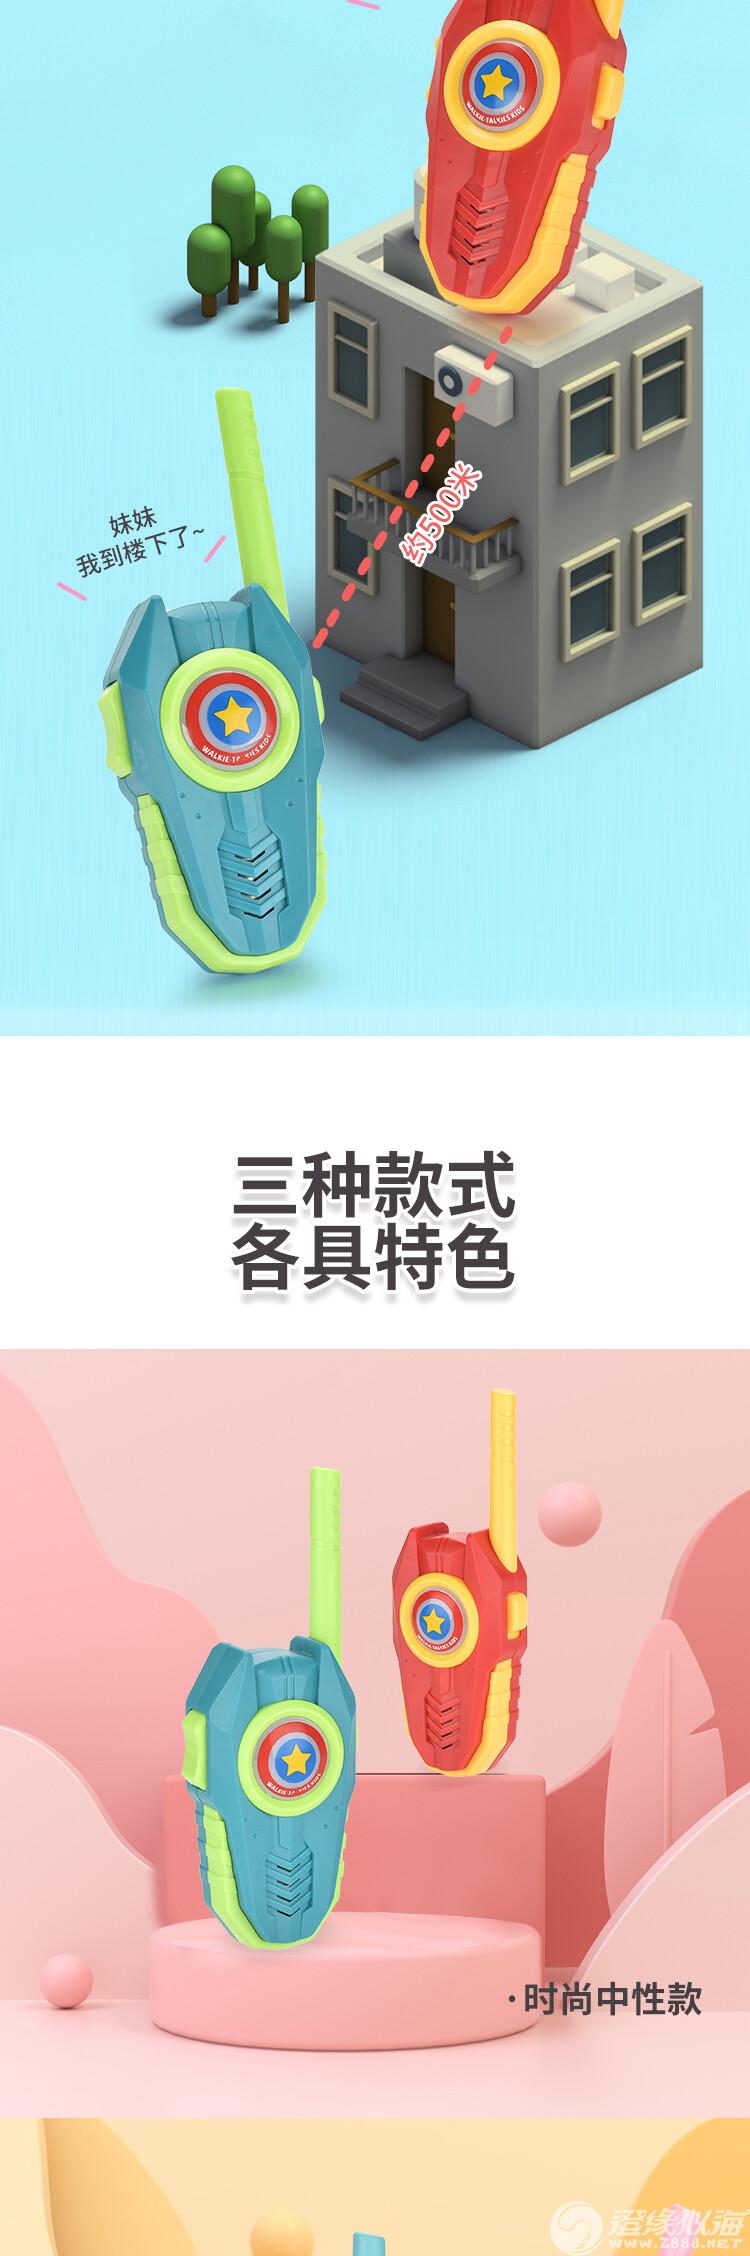 润龙玩具厂-儿童对讲机-中文版详情_04.jpg